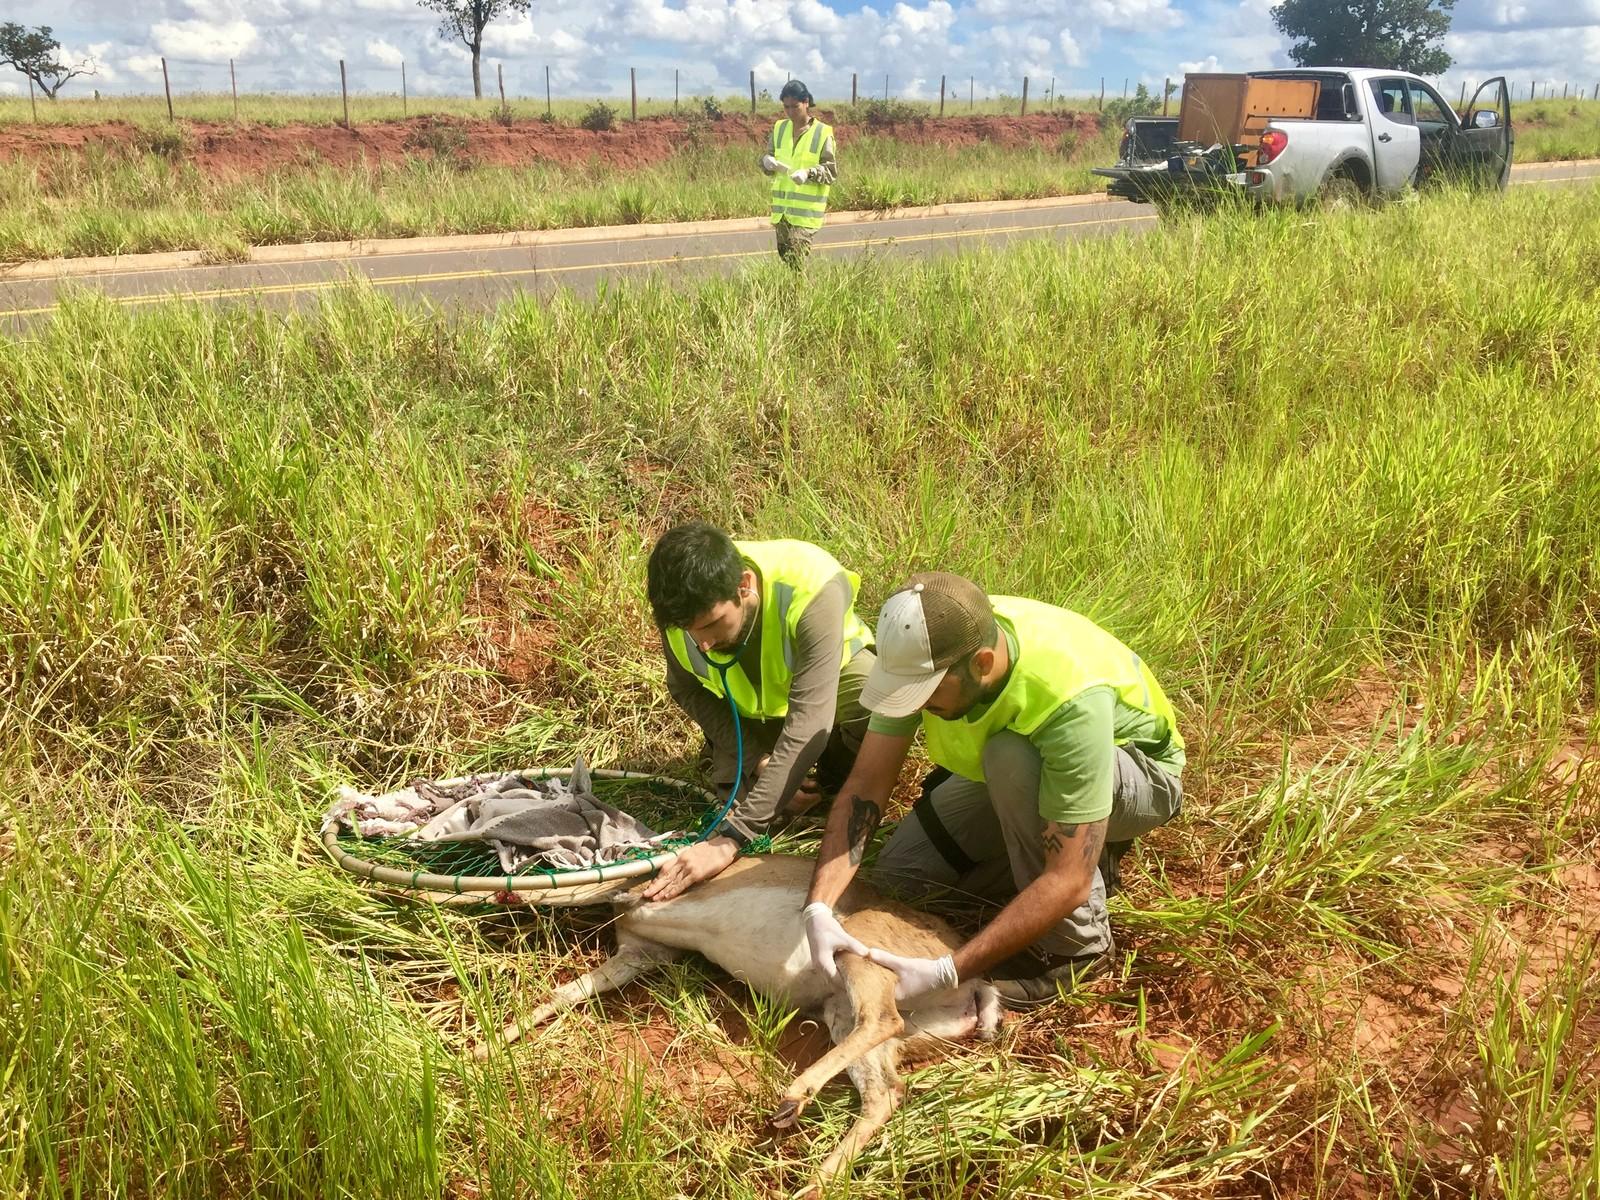 Veado-campeiro recebe atendimento na beira da pista: muitos outros não têm a mesma sorte — Foto: Divulgação/ICAS